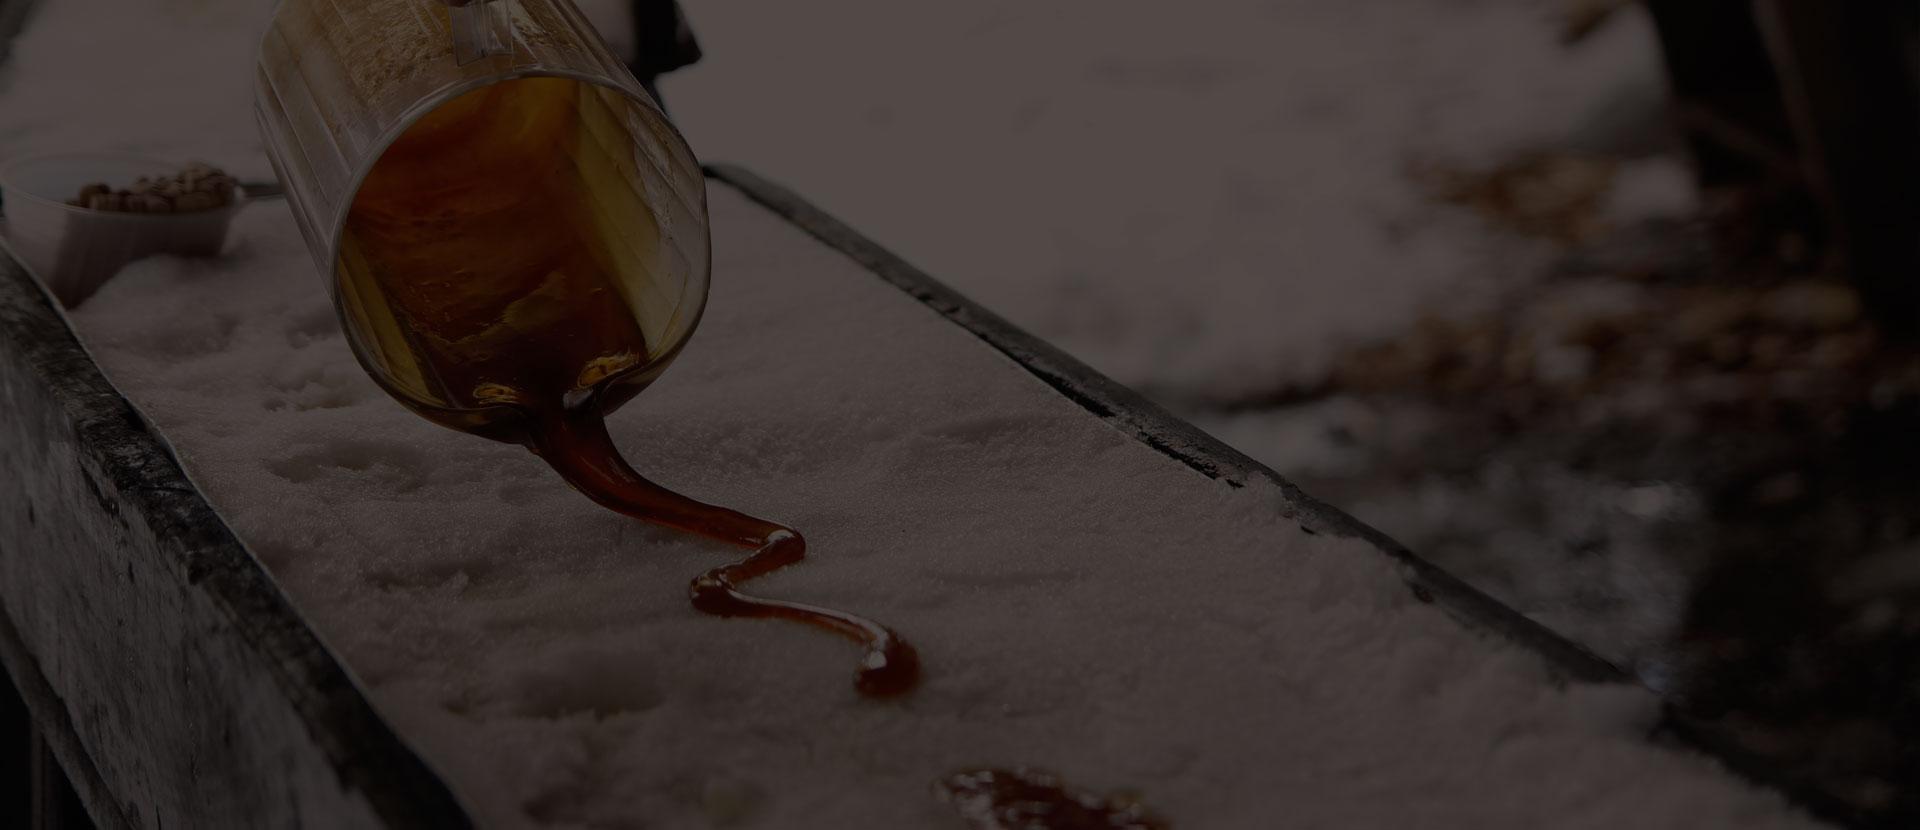 Tire d'érable- cabane à sucre rigaud